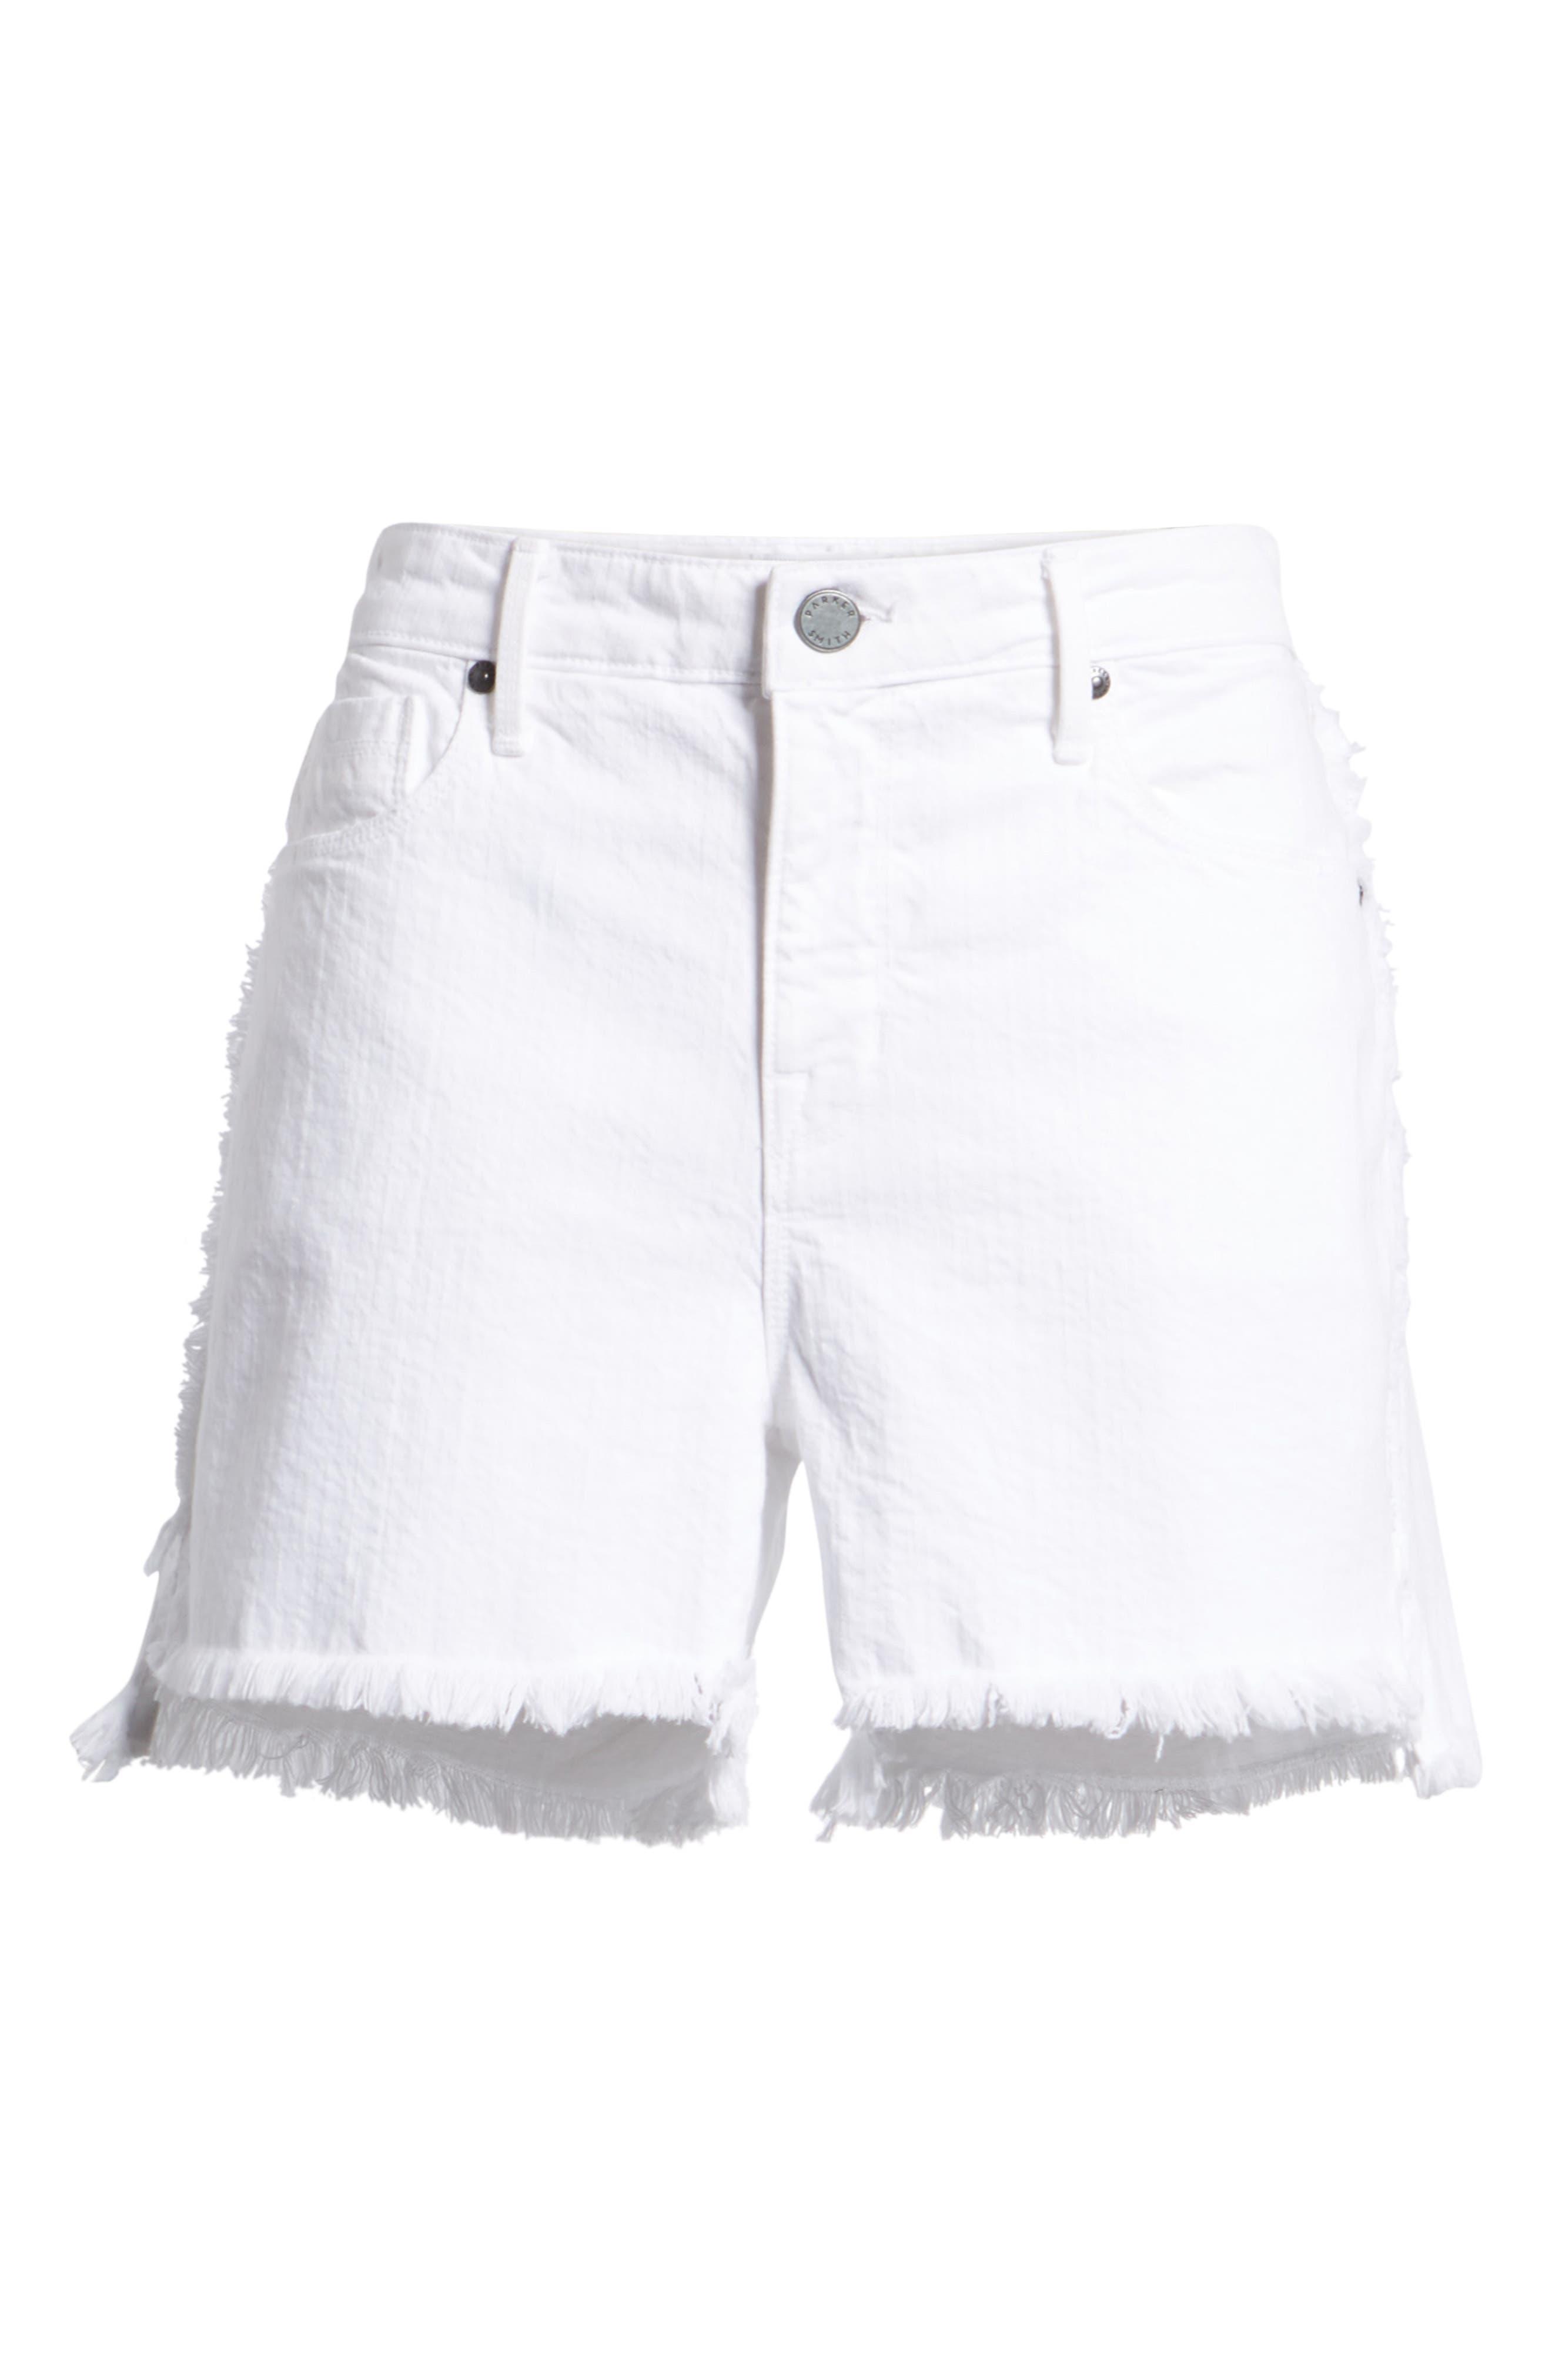 Step Hem Frayed Denim Shorts,                             Alternate thumbnail 7, color,                             Blanc